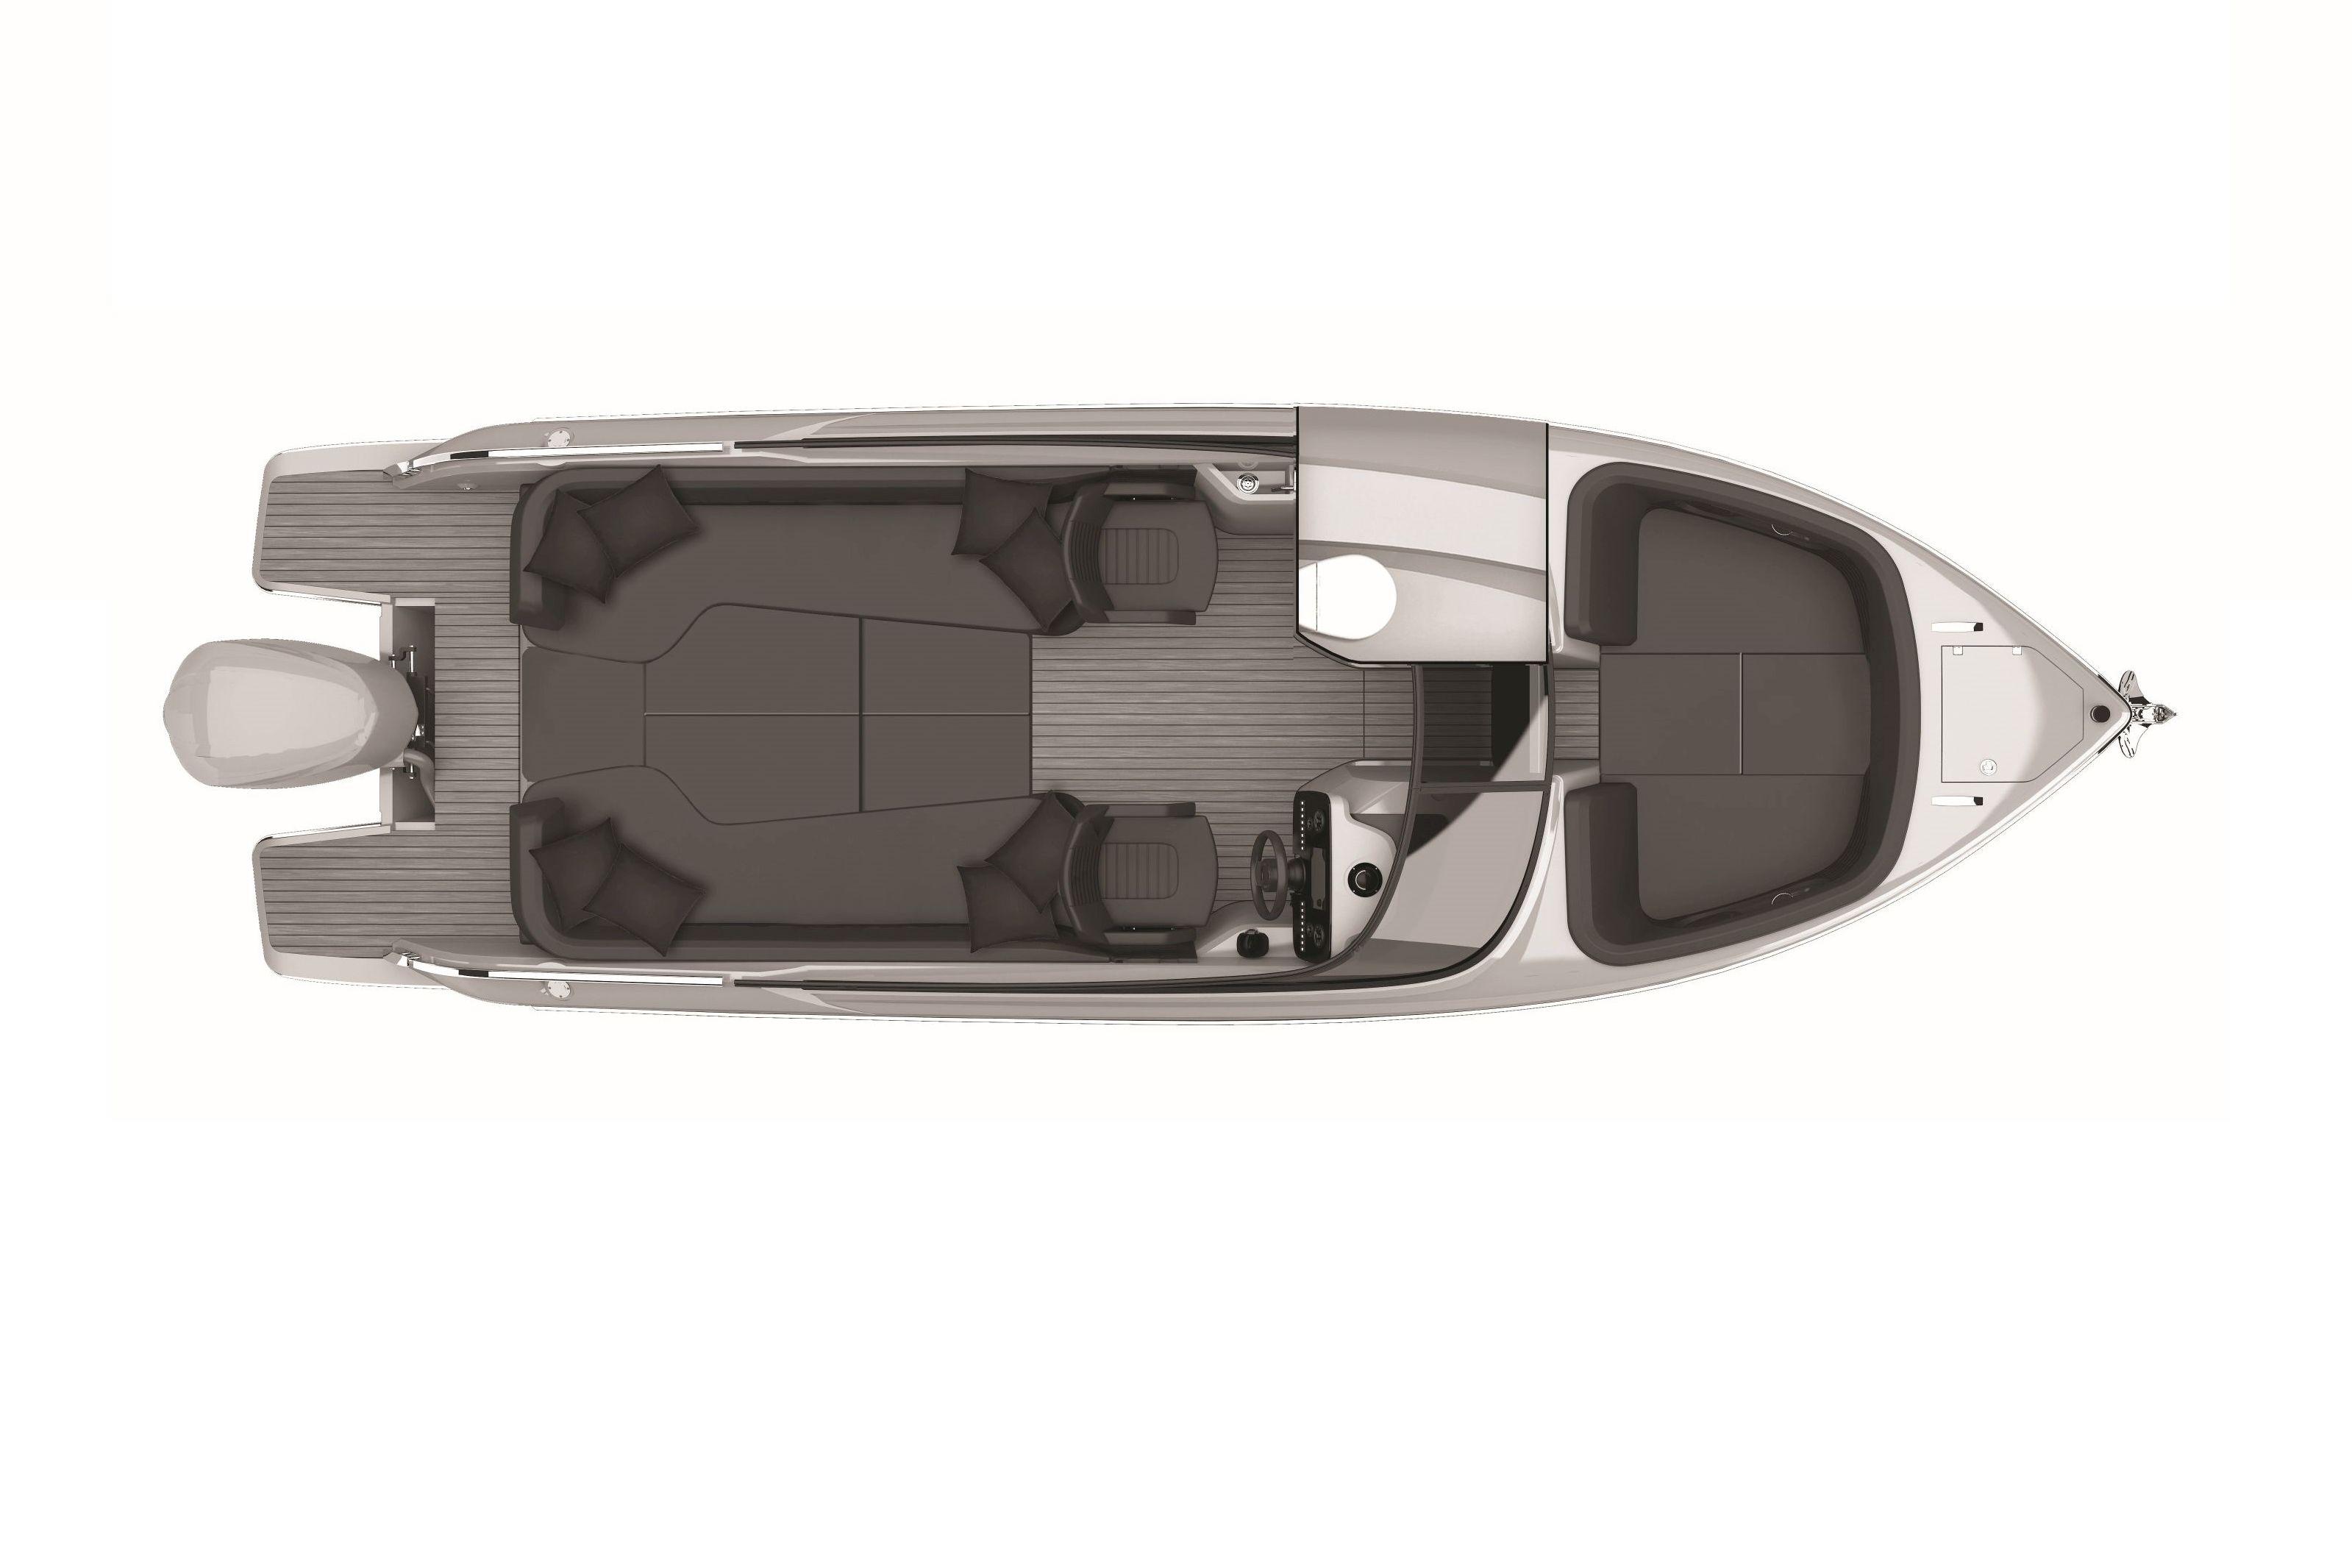 Cranchi - E26 Rider - Lower deck view - prendisole